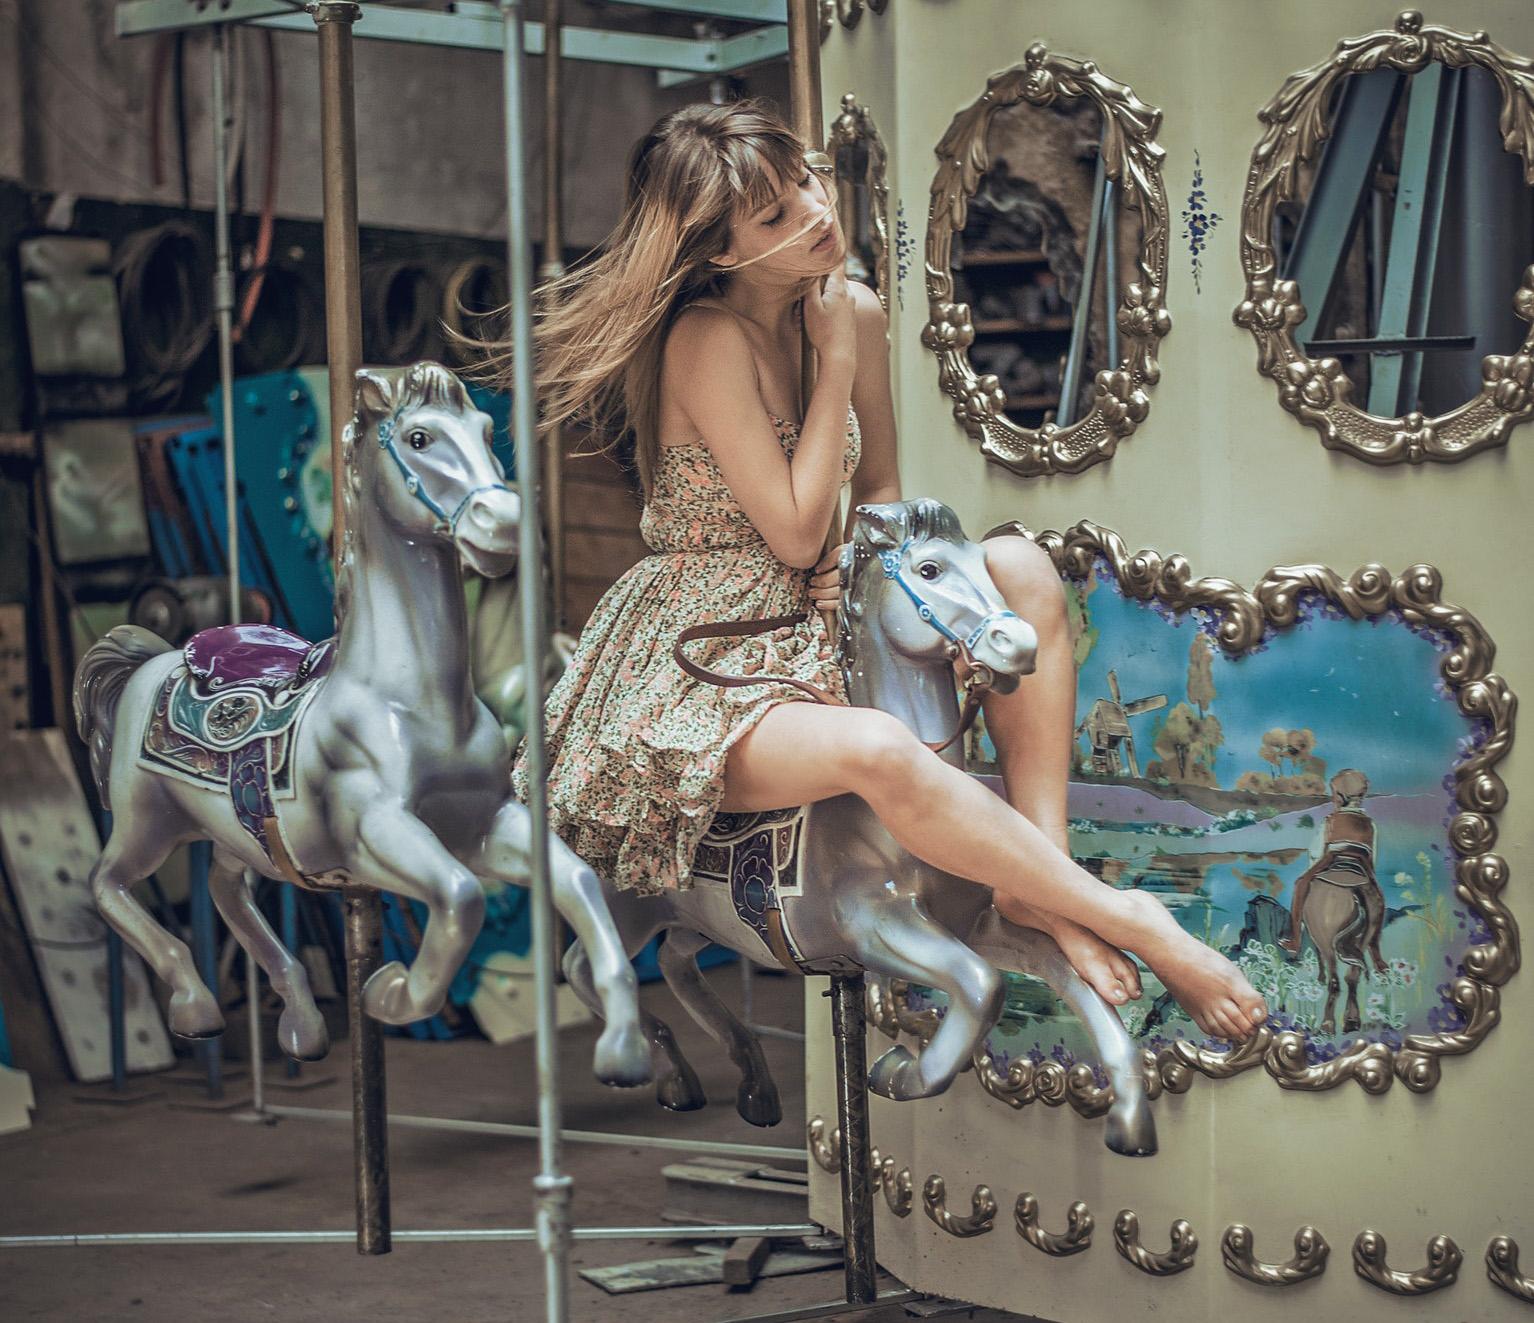 viata in carusel